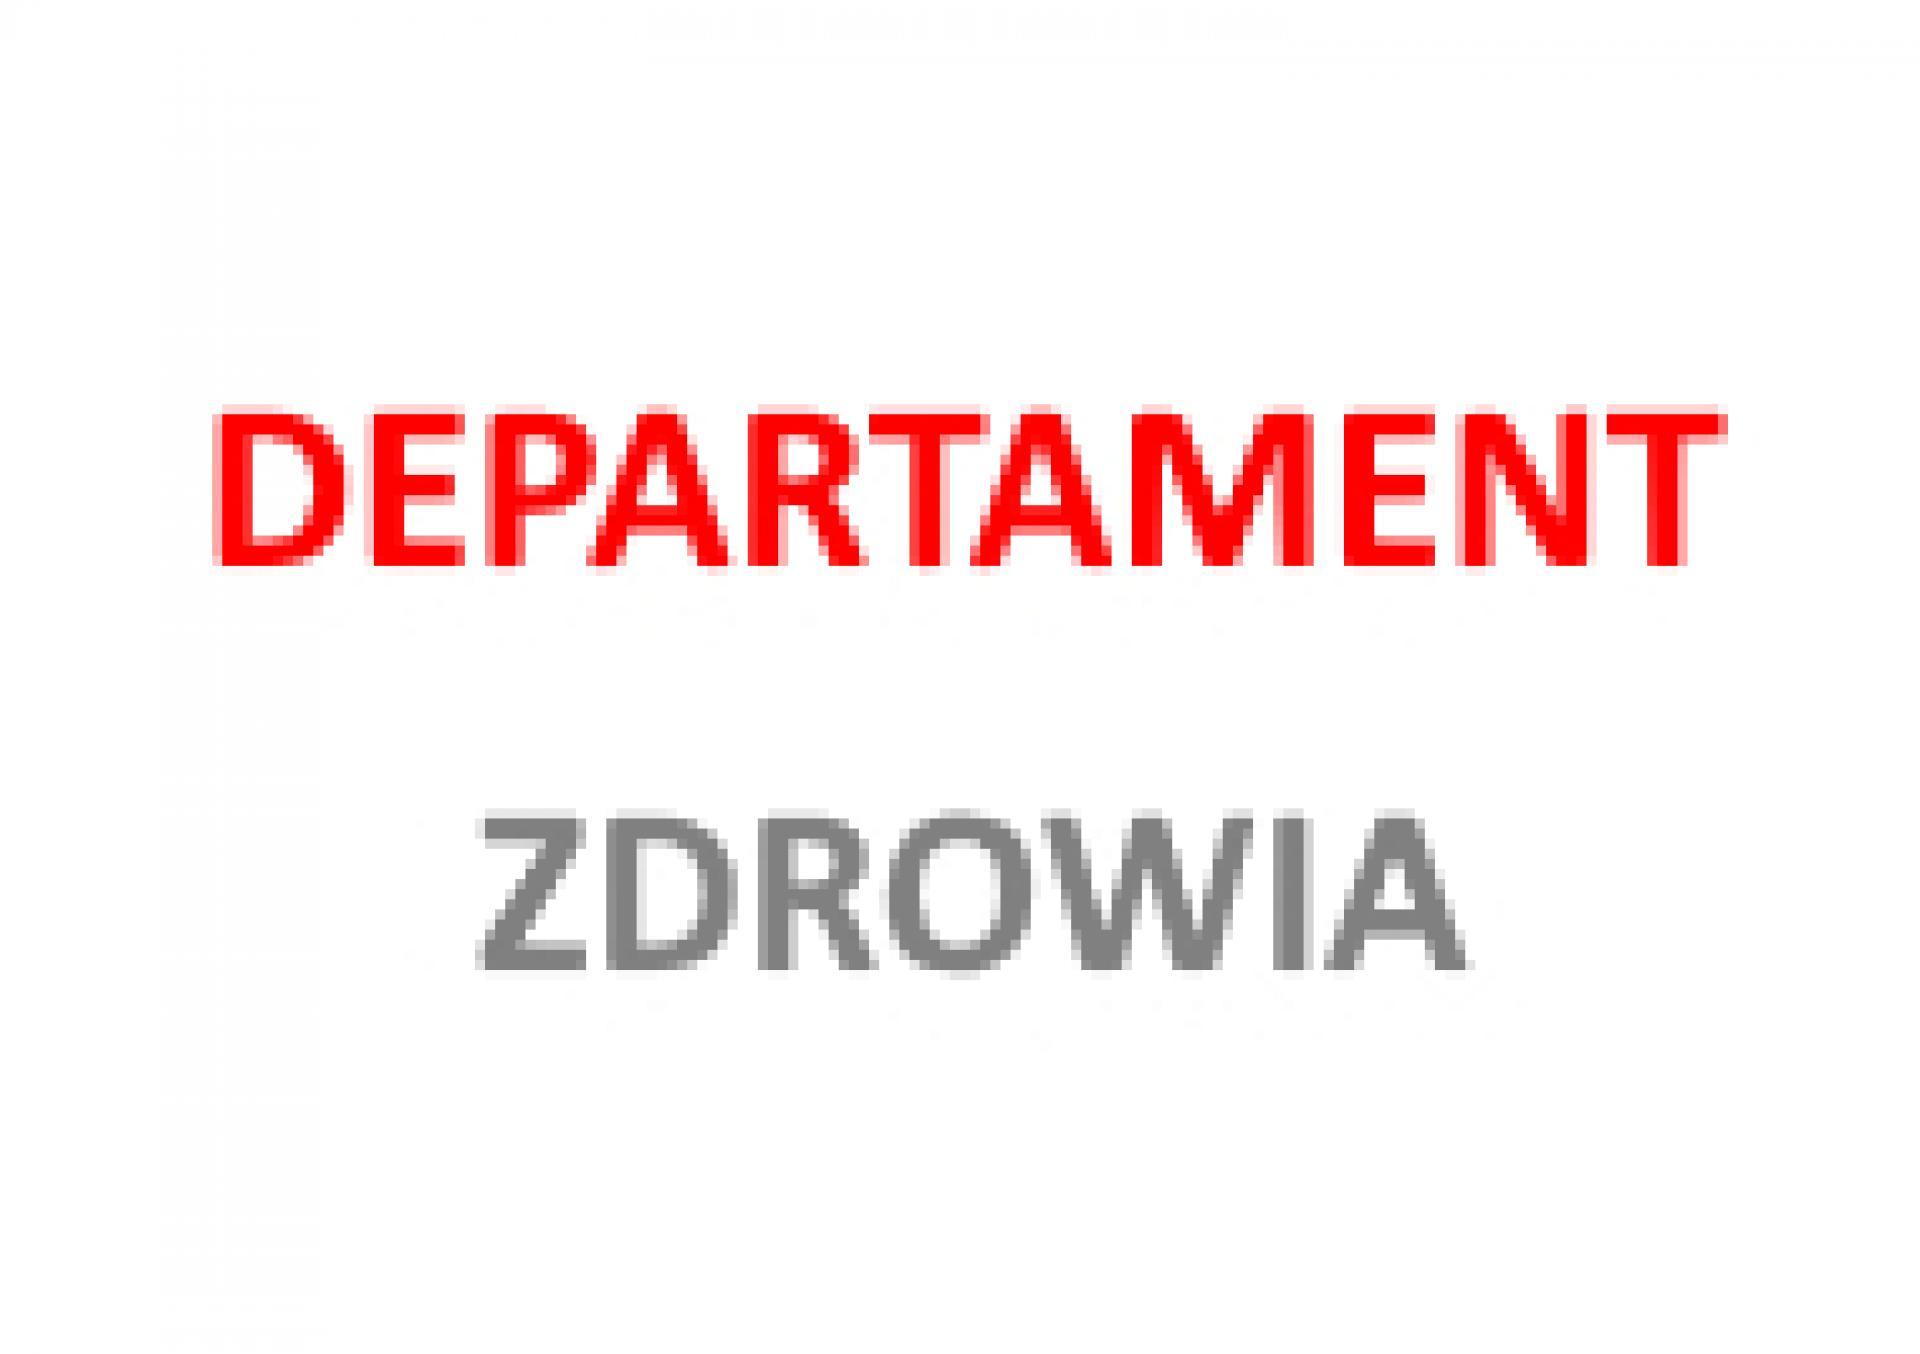 Konsultacje projektu uchwały Sejmiku Województwa Wielkopolskiego w sprawie nadania statutu Zakładowi Opiekuńczo – Leczniczemu w Śremie - zobacz więcej